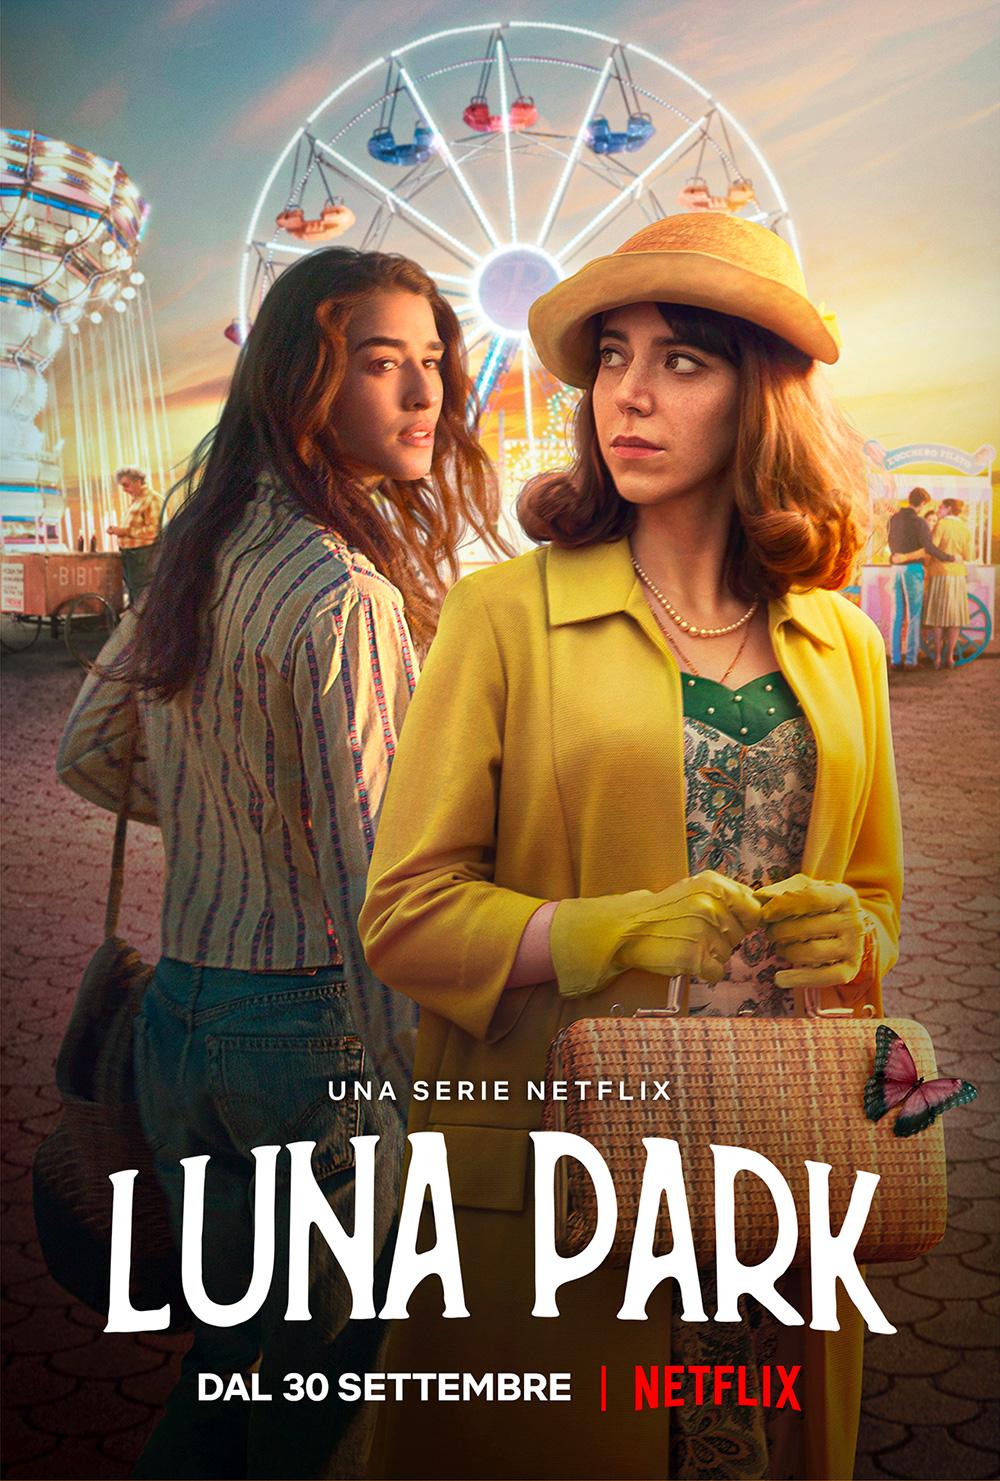 [心得] 羅馬樂園:兩個世界 Luna Park S01 (雷) Netflix 義大利劇